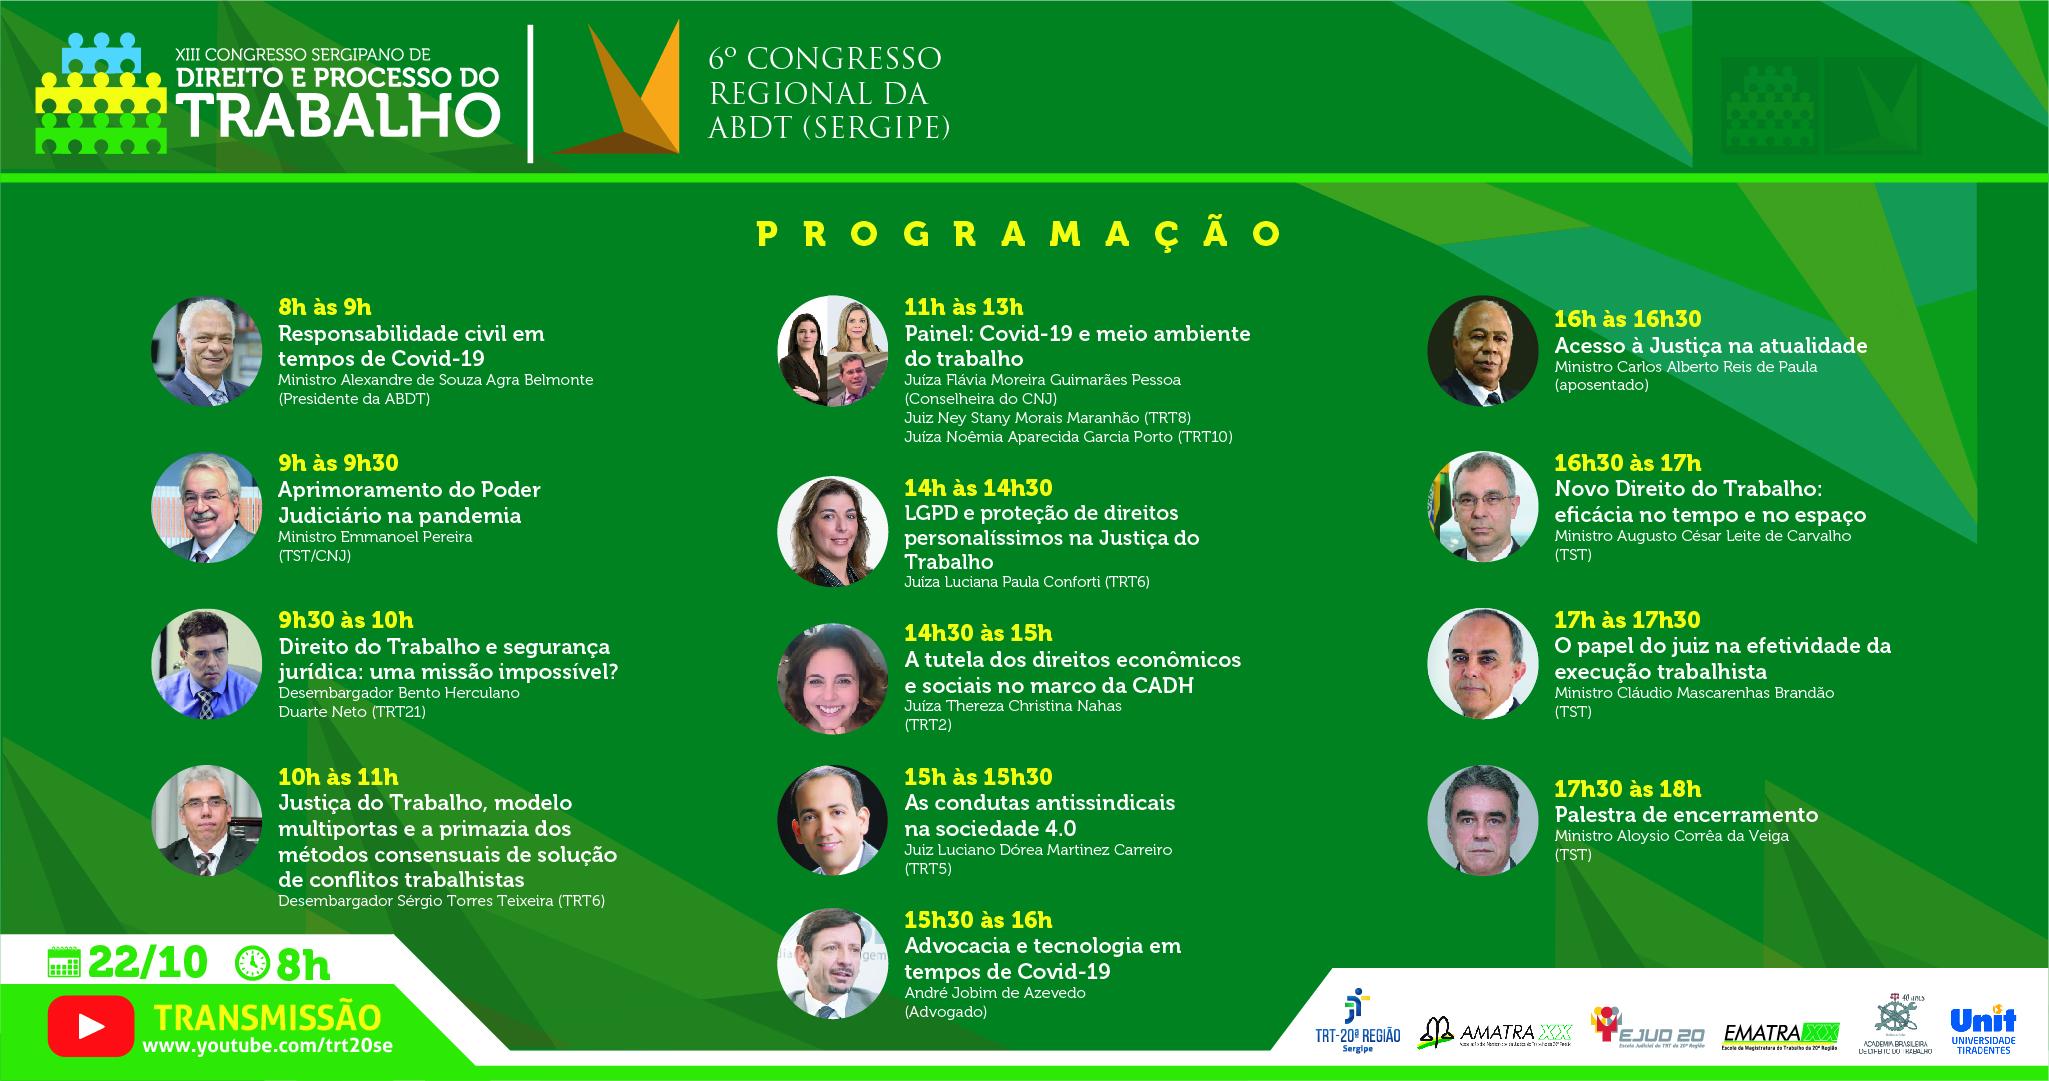 XIII Congresso Sergipano de Direito_Programação com Fotos_Youtube.jpg